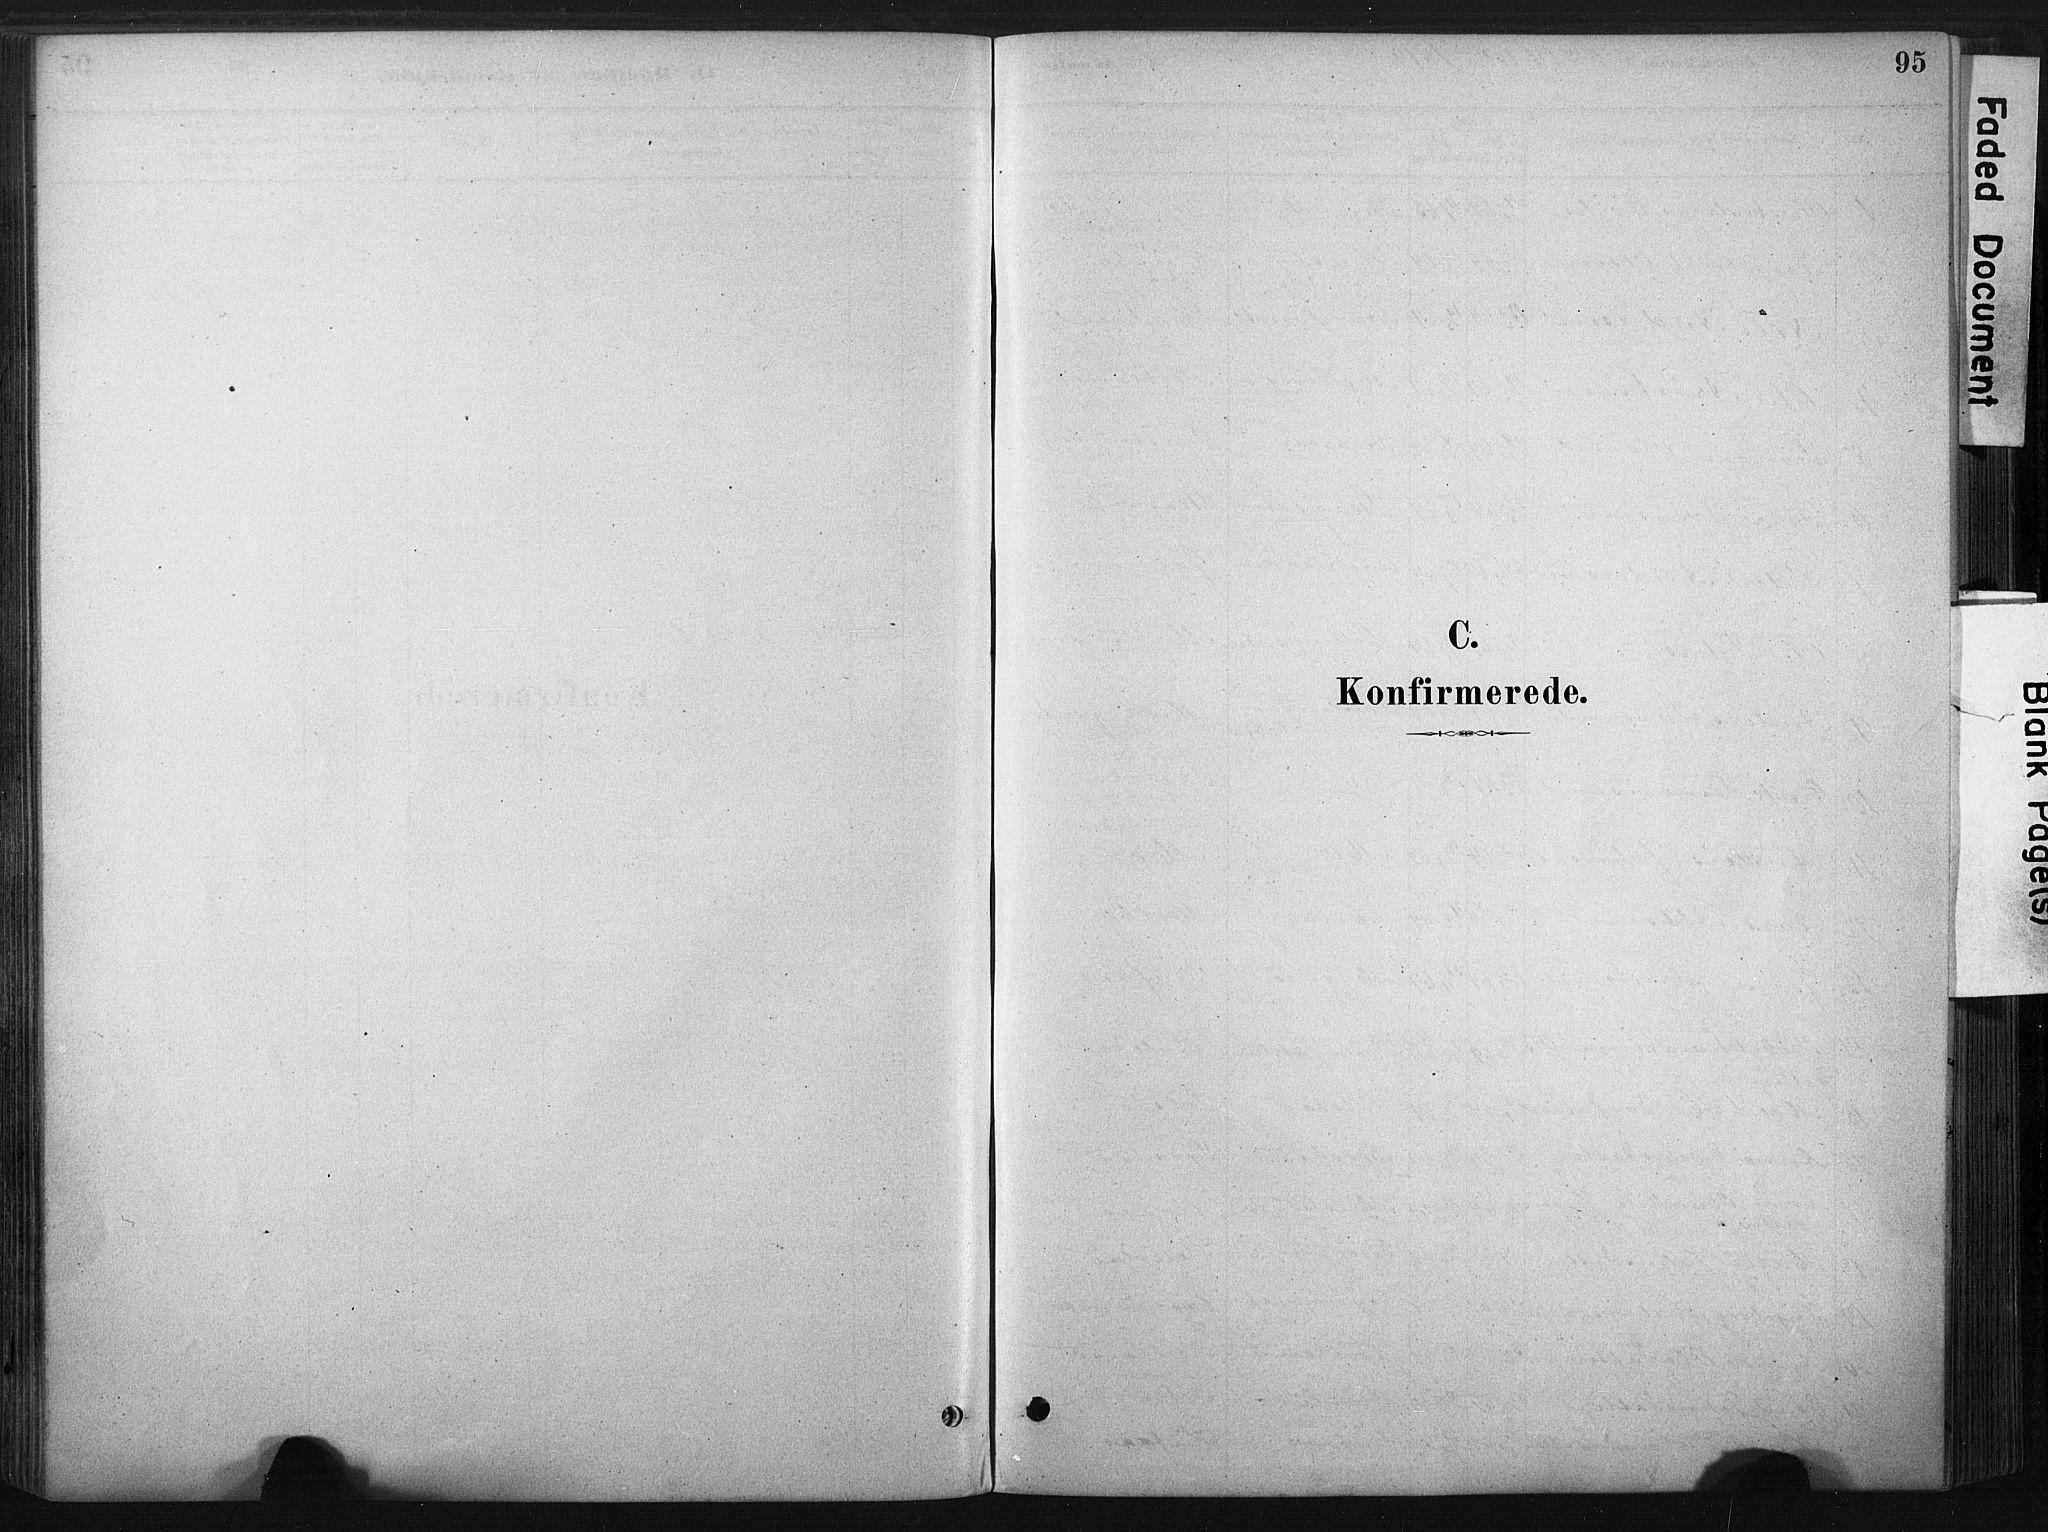 SAT, Ministerialprotokoller, klokkerbøker og fødselsregistre - Sør-Trøndelag, 667/L0795: Ministerialbok nr. 667A03, 1879-1907, s. 95